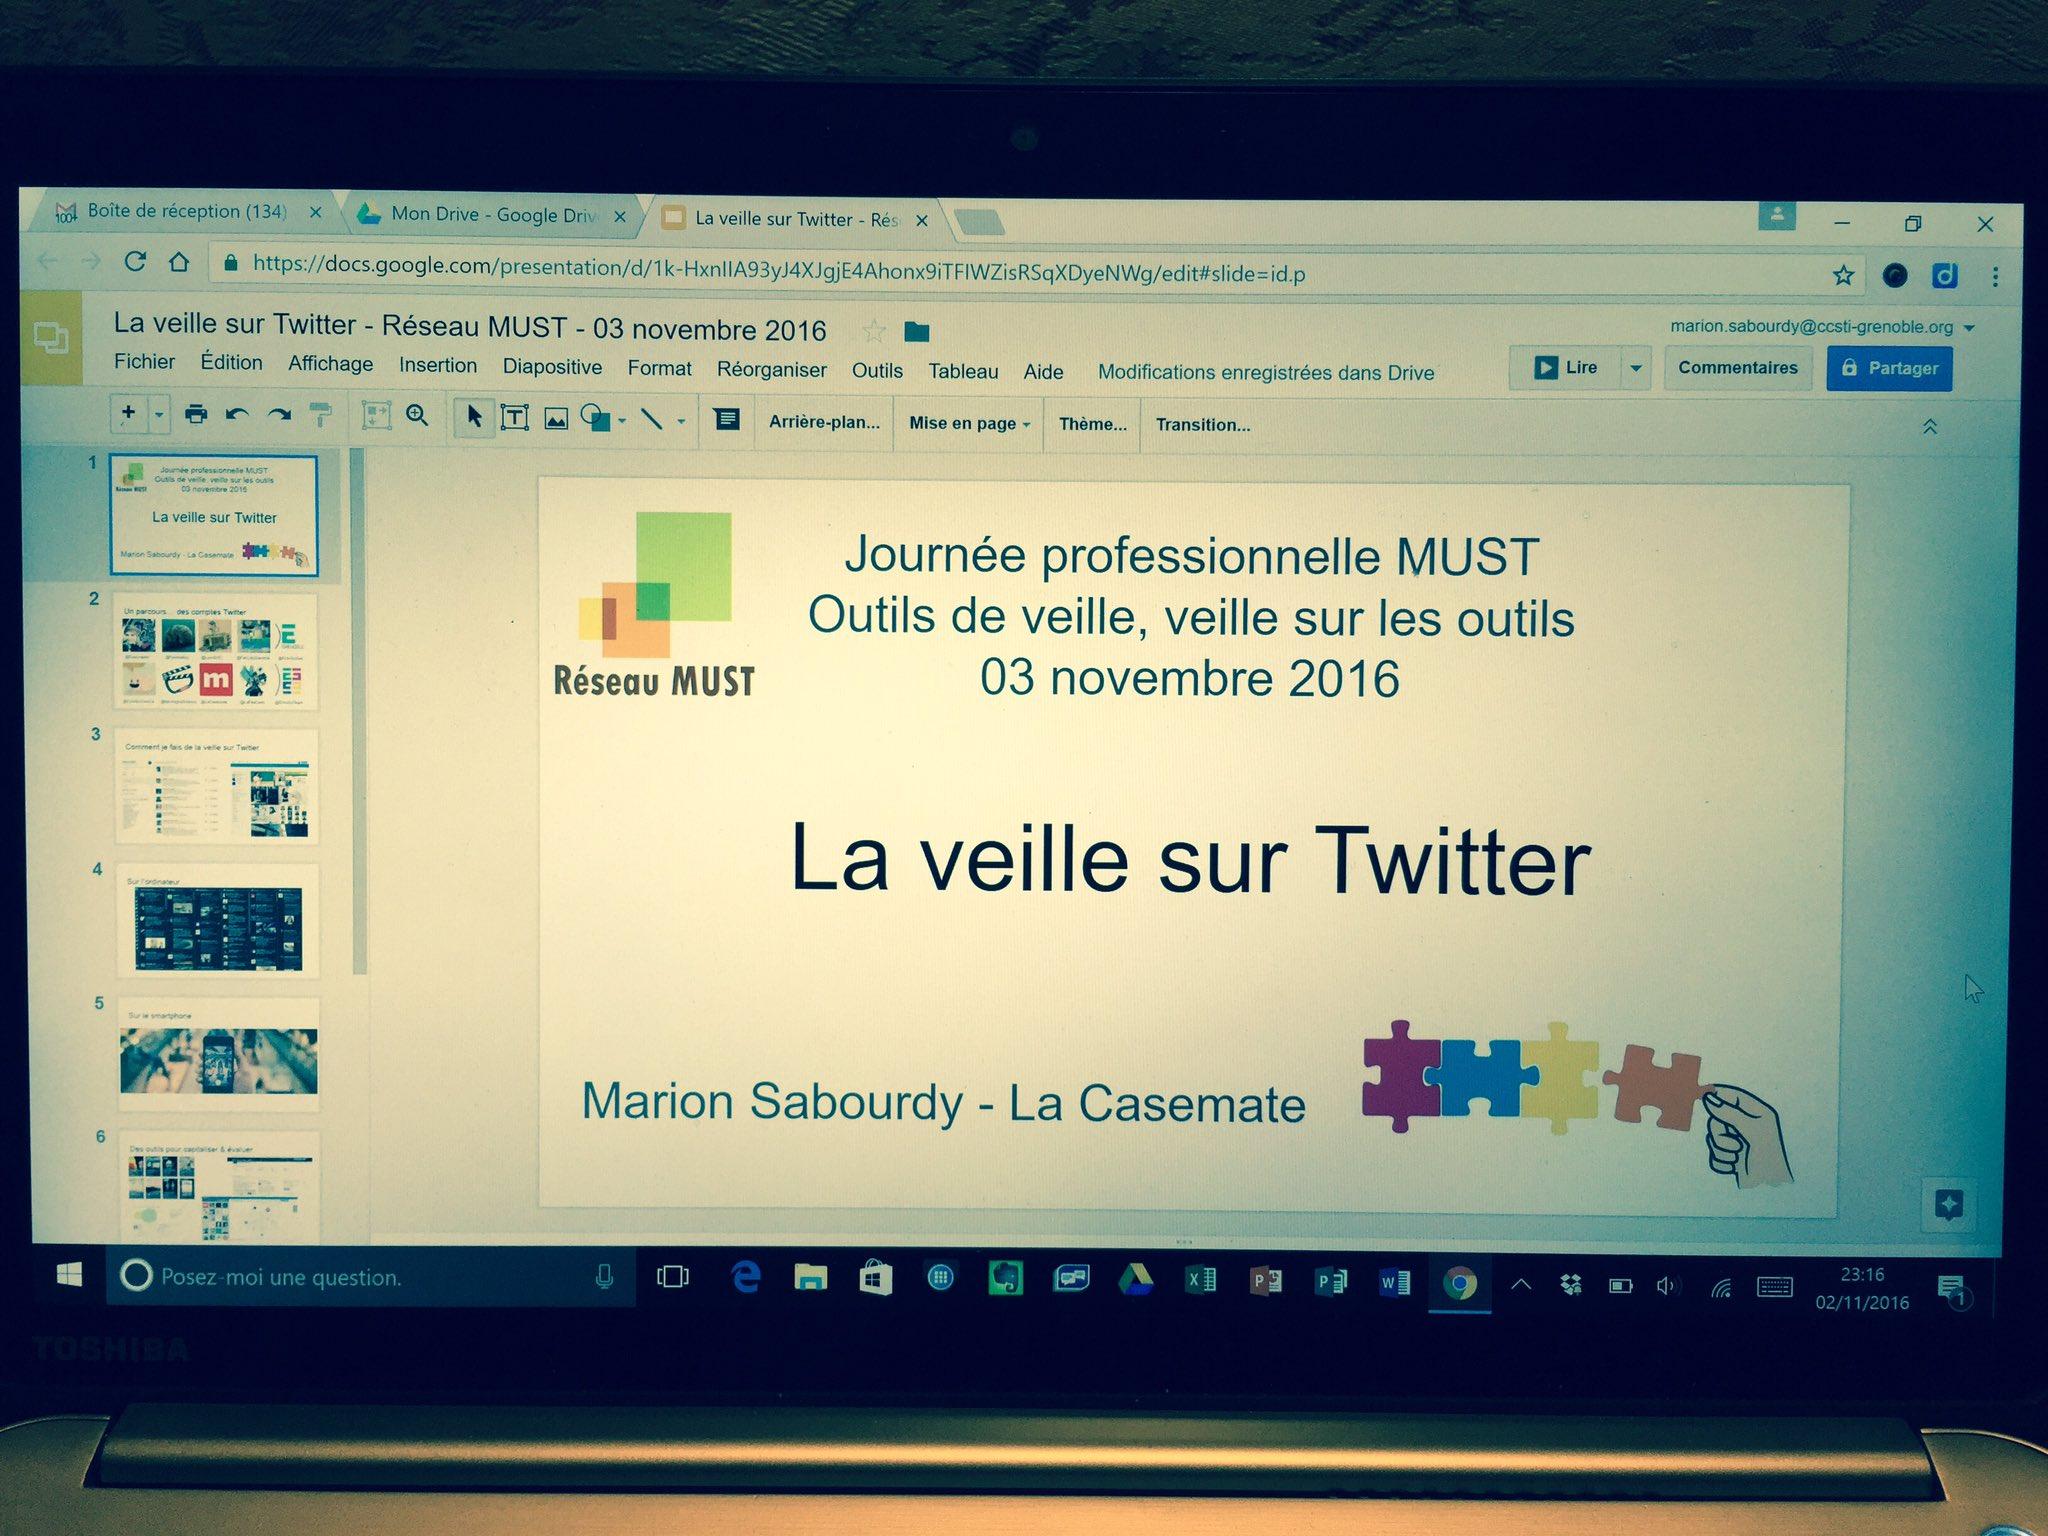 Diapo OK ! Prête pour la journée pro du @ReseauMUST demain au Musée @ArtsetMetiers ! 😅 #Veille #Twitter #CSTI https://t.co/GgP20IgzMj